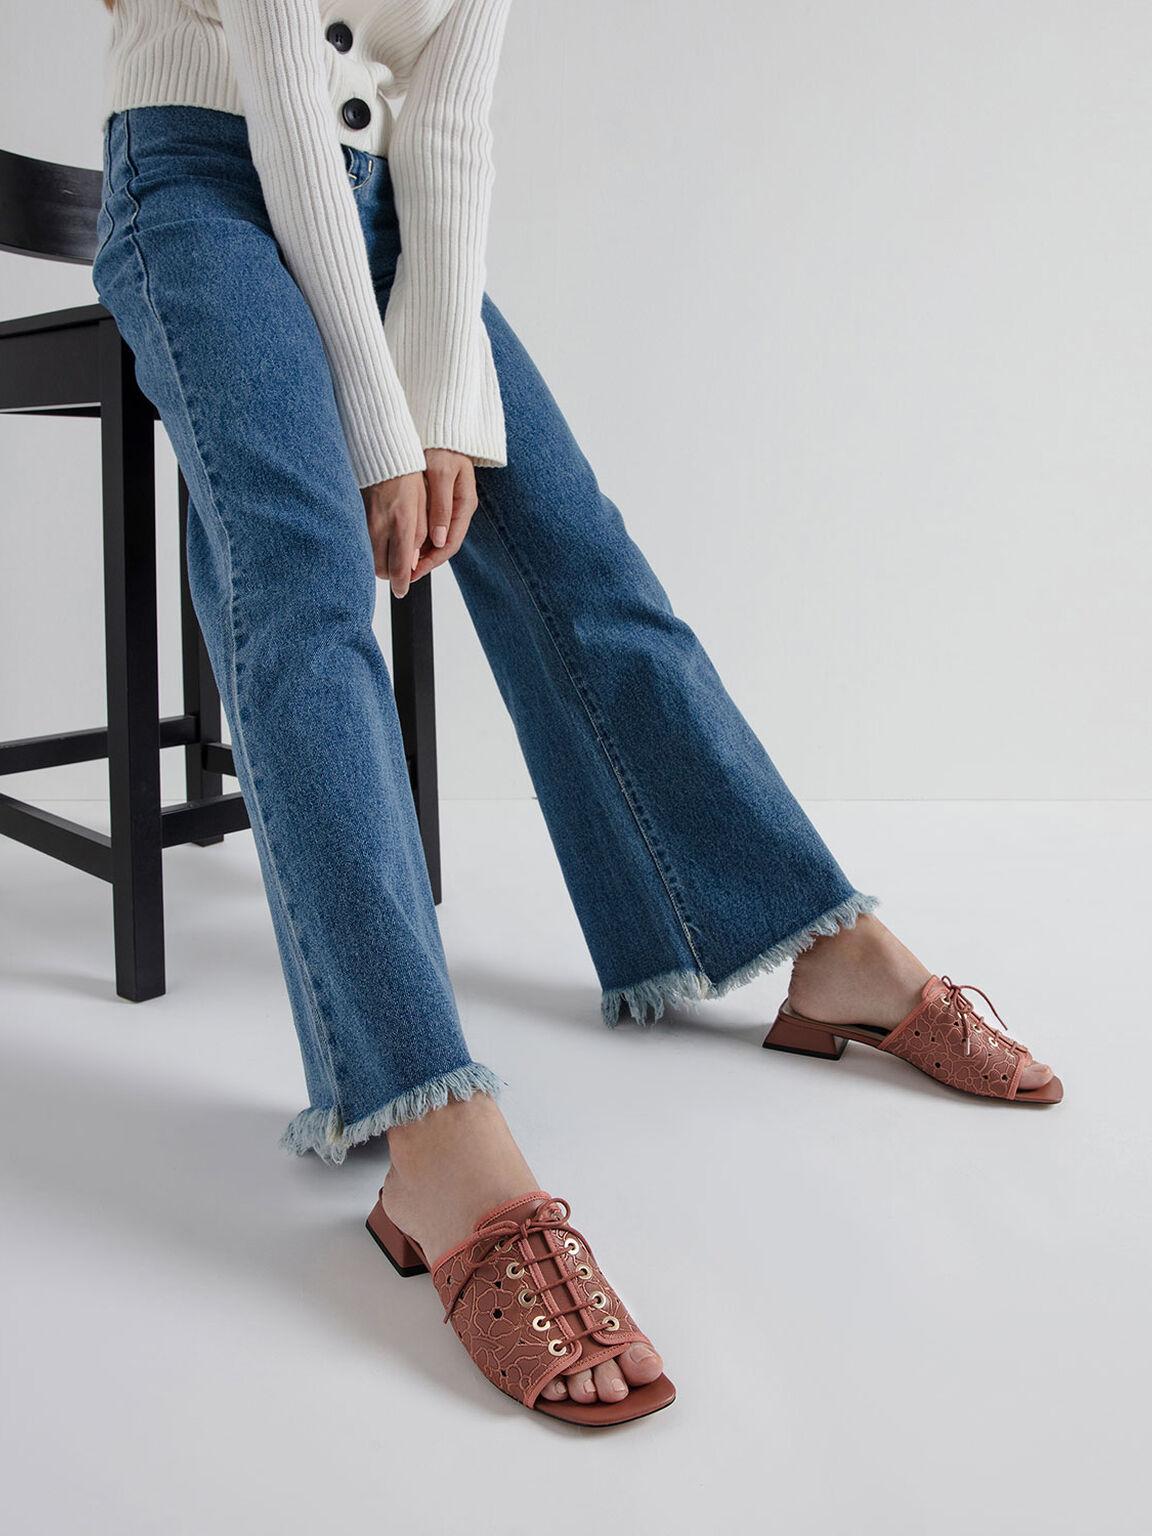 Embroidered Lace-Up Slide Sandals, Brick, hi-res